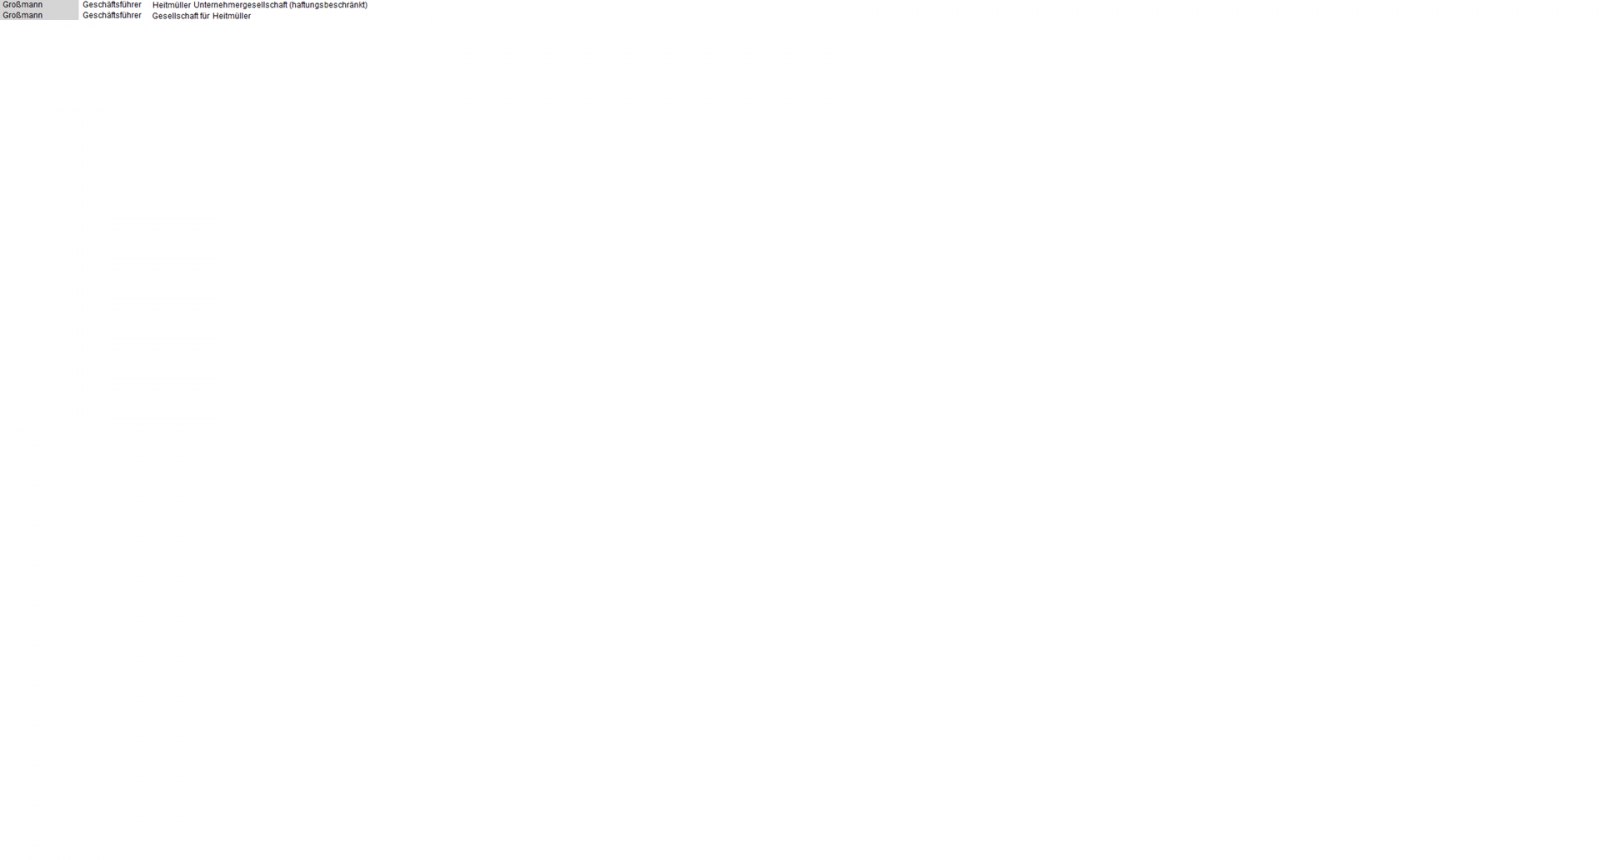 darstellungumlauteincrmapplikation20131118.png